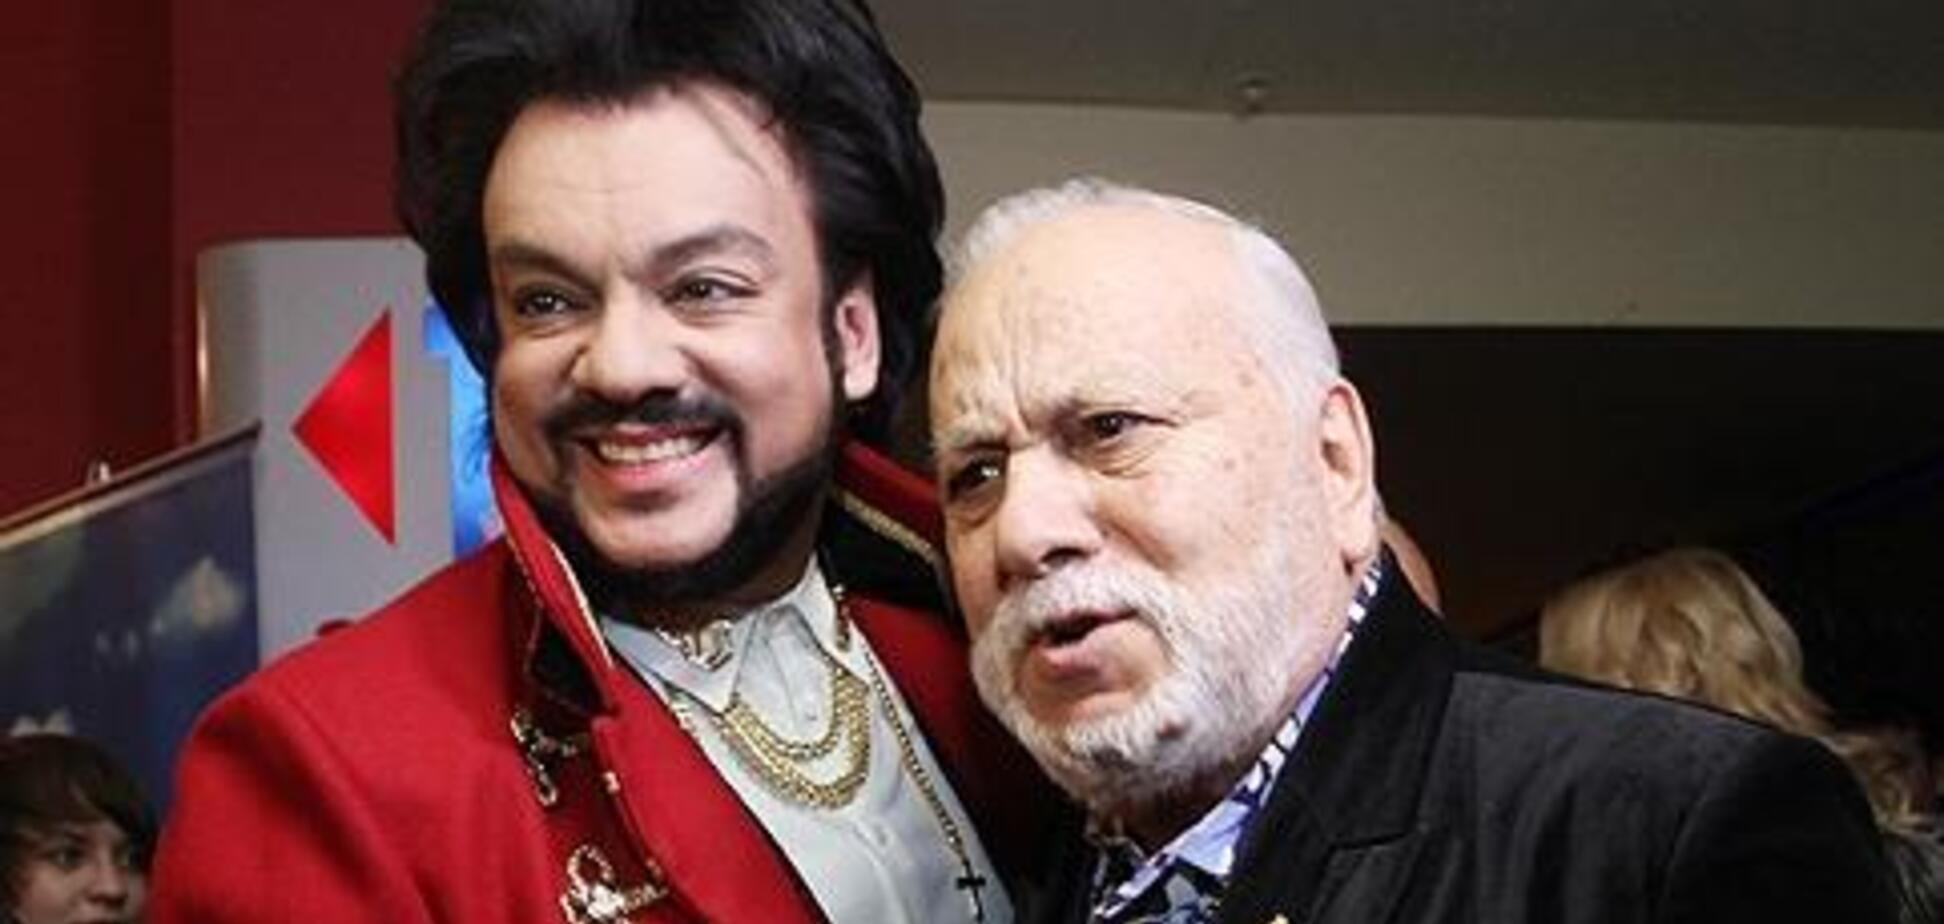 Киркоров повторил трогательное фото с отцом спустя 50 лет